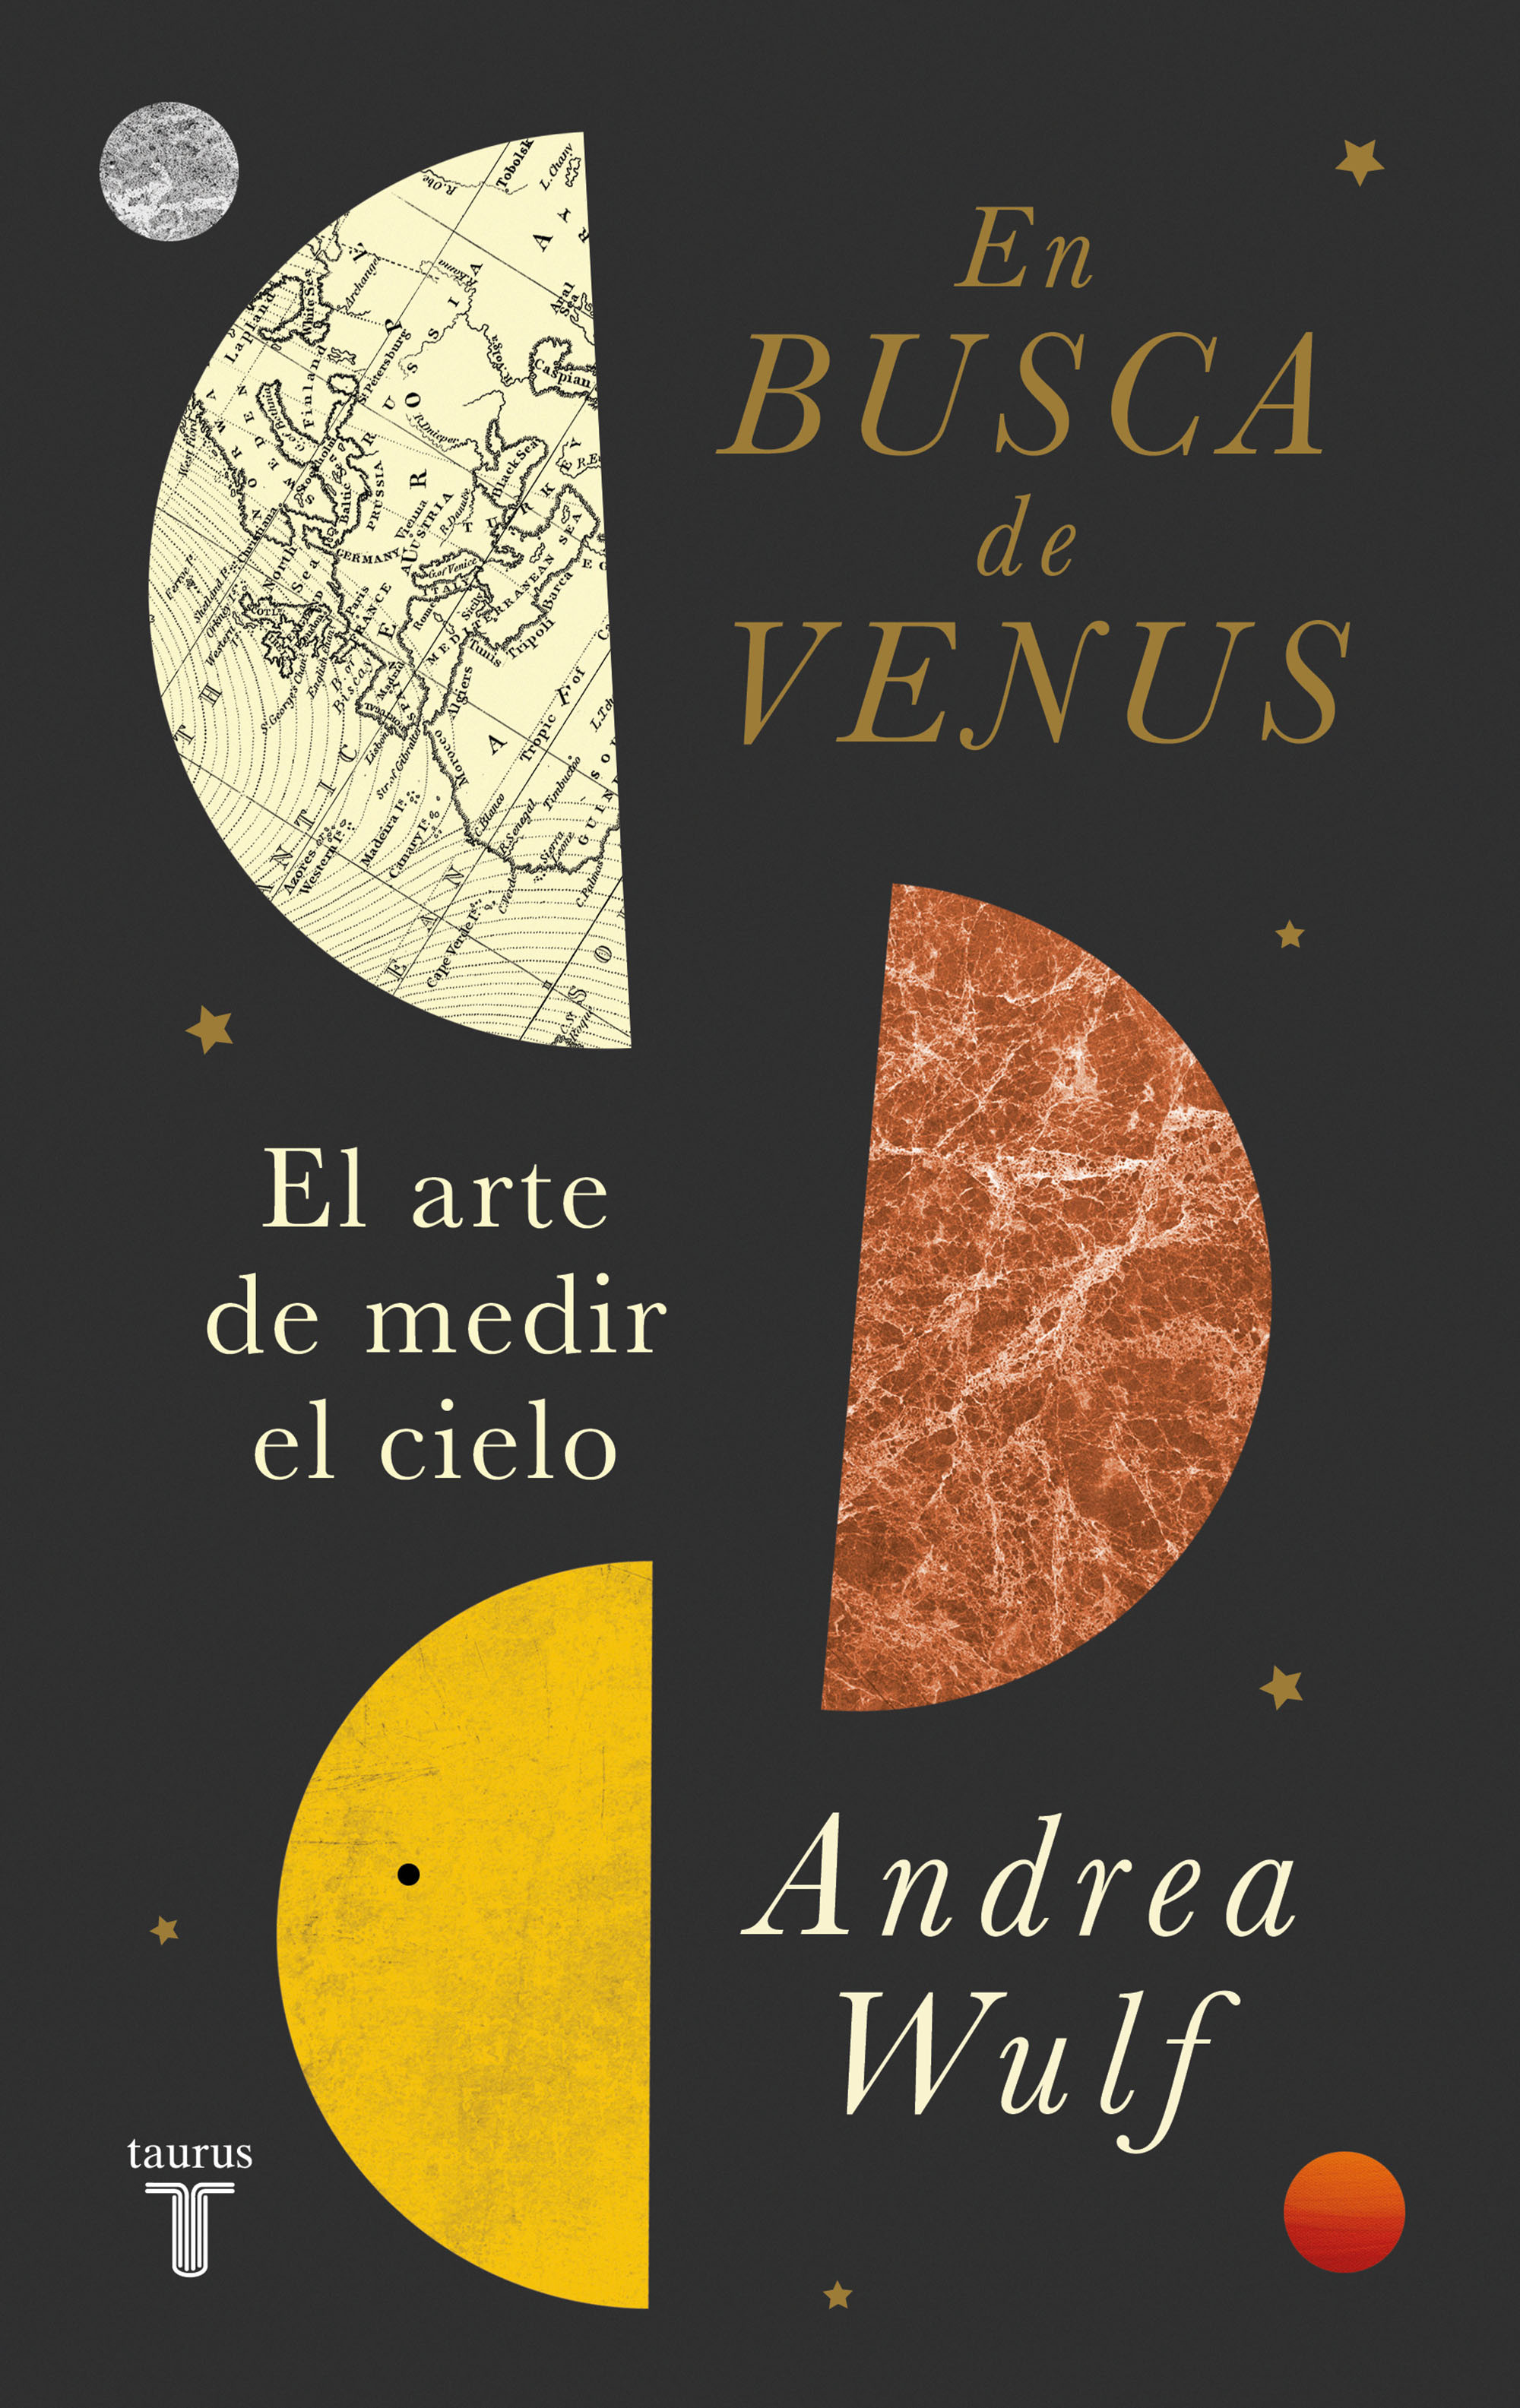 En busca de Venus